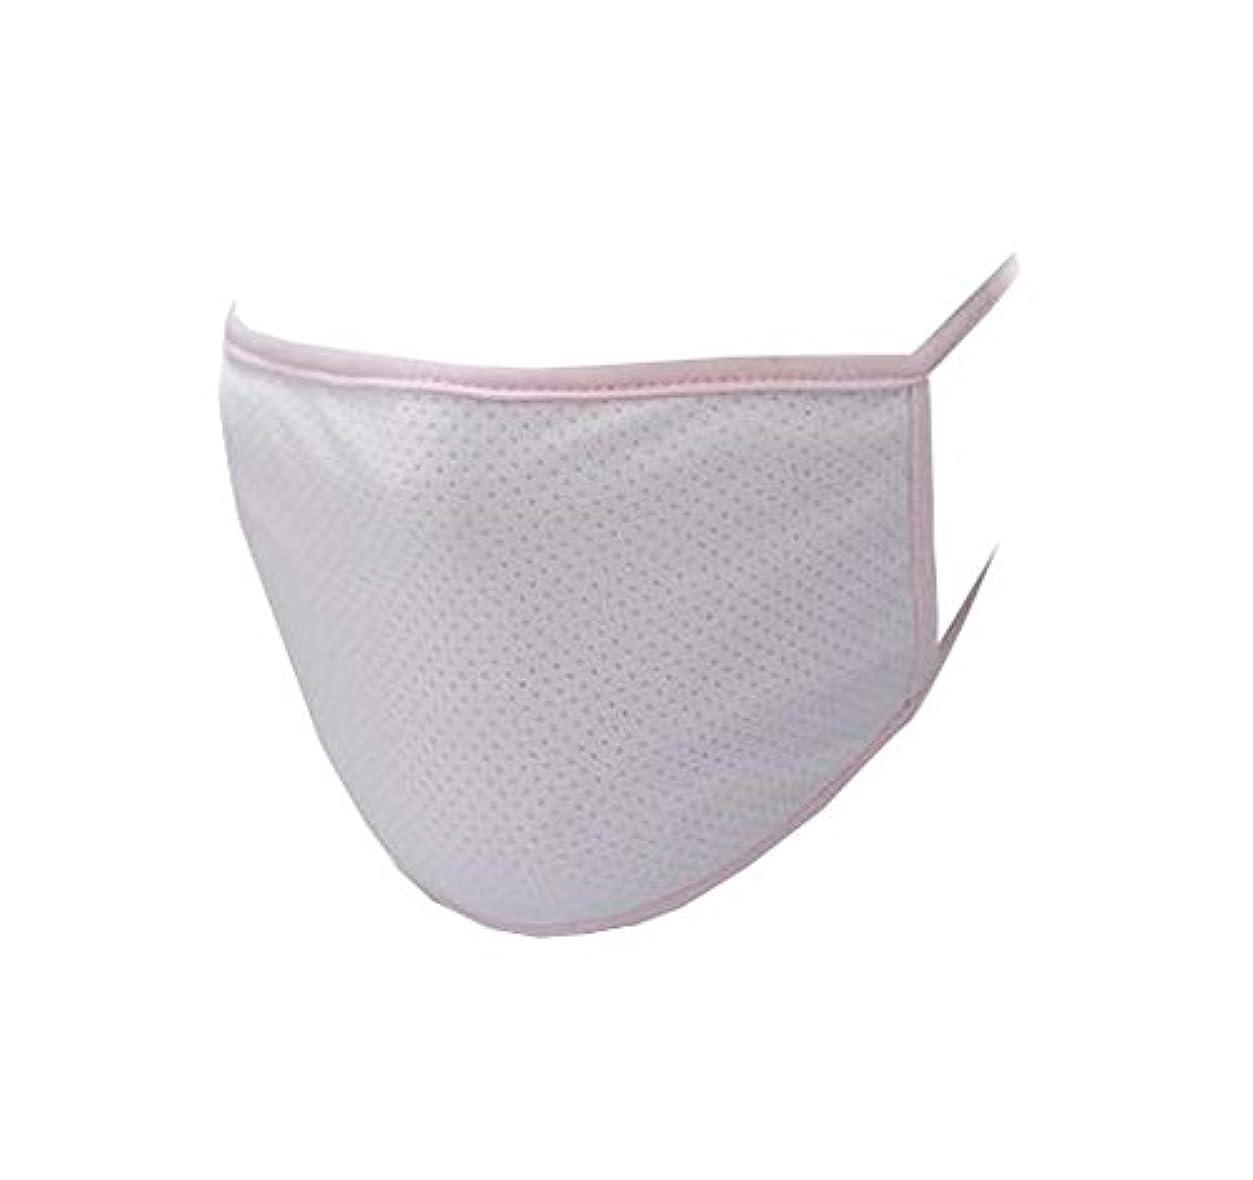 倫理オン損傷口マスク、再使用可能フィルター - 埃、花粉、アレルゲン、抗UV、およびインフルエンザ菌 - D